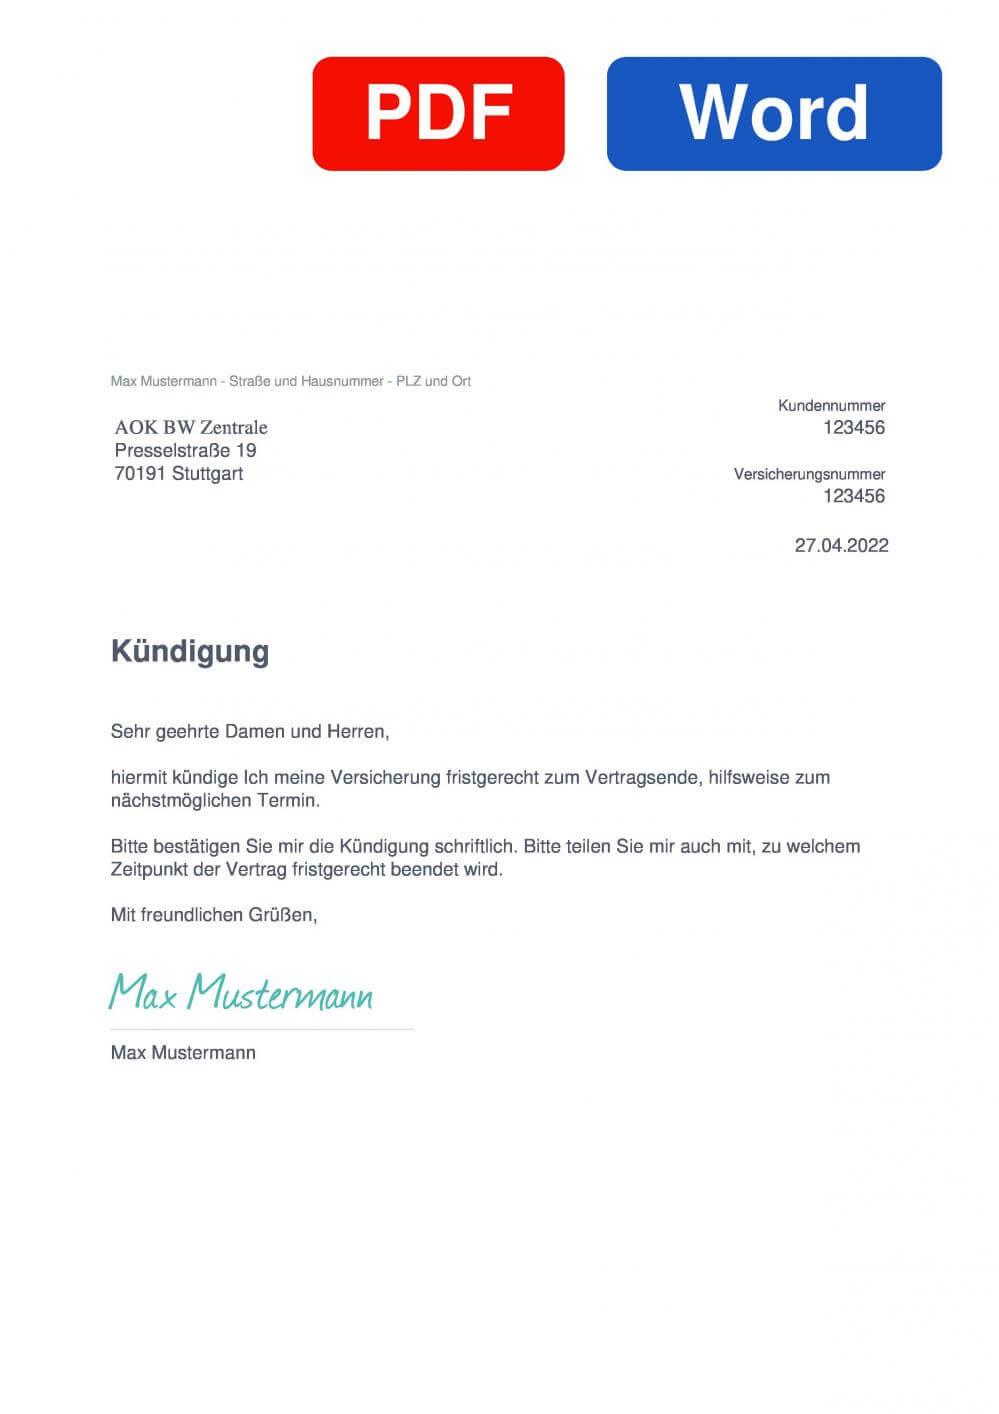 AOK BW Zentrale Muster Vorlage für Kündigungsschreiben